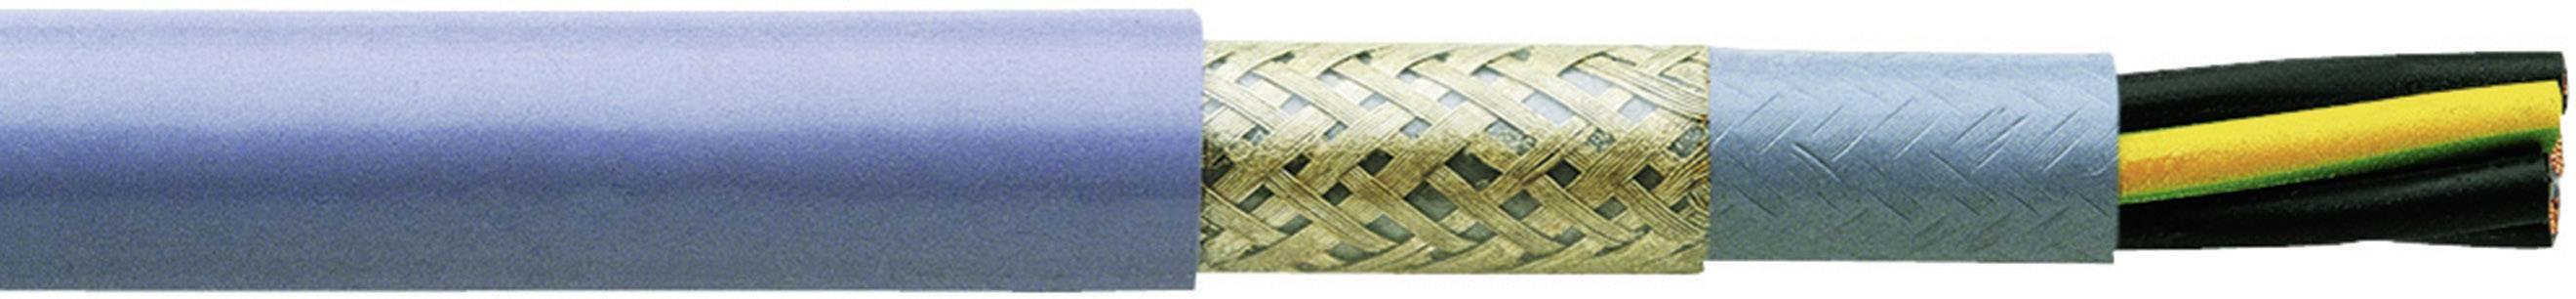 Riadiaci kábel Faber Kabel YSLYCY-JZ 030425, 4 x 1 mm², vonkajší Ø 9.30 mm, 500 V, metrový tovar, sivá